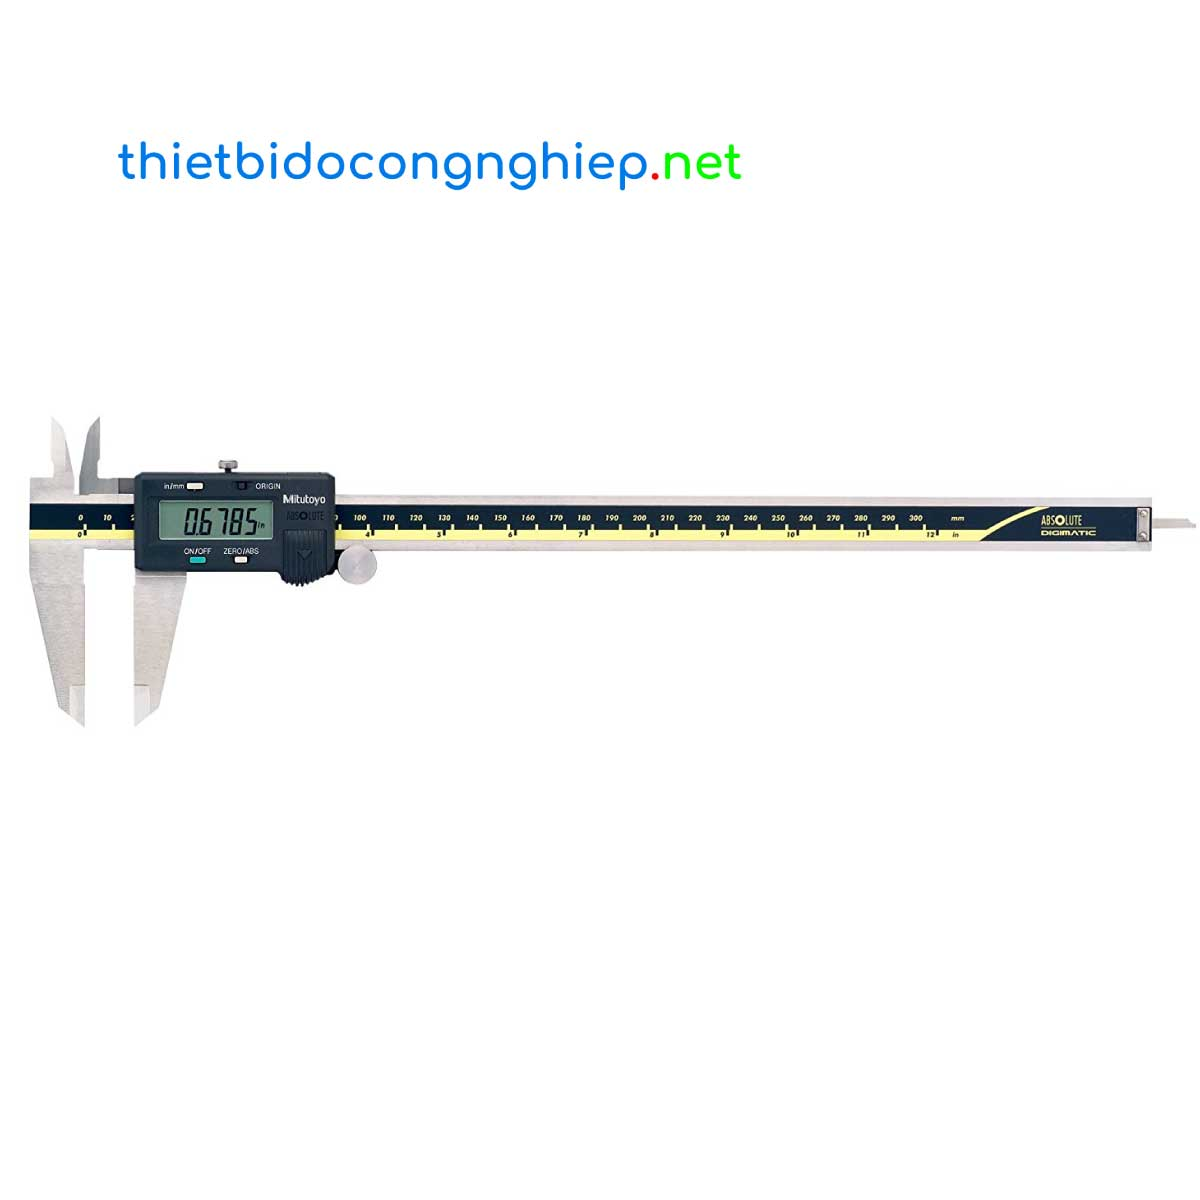 Thước cặp điện tử Mitutoyo 500-153-30 (0-300mm) (SPC)